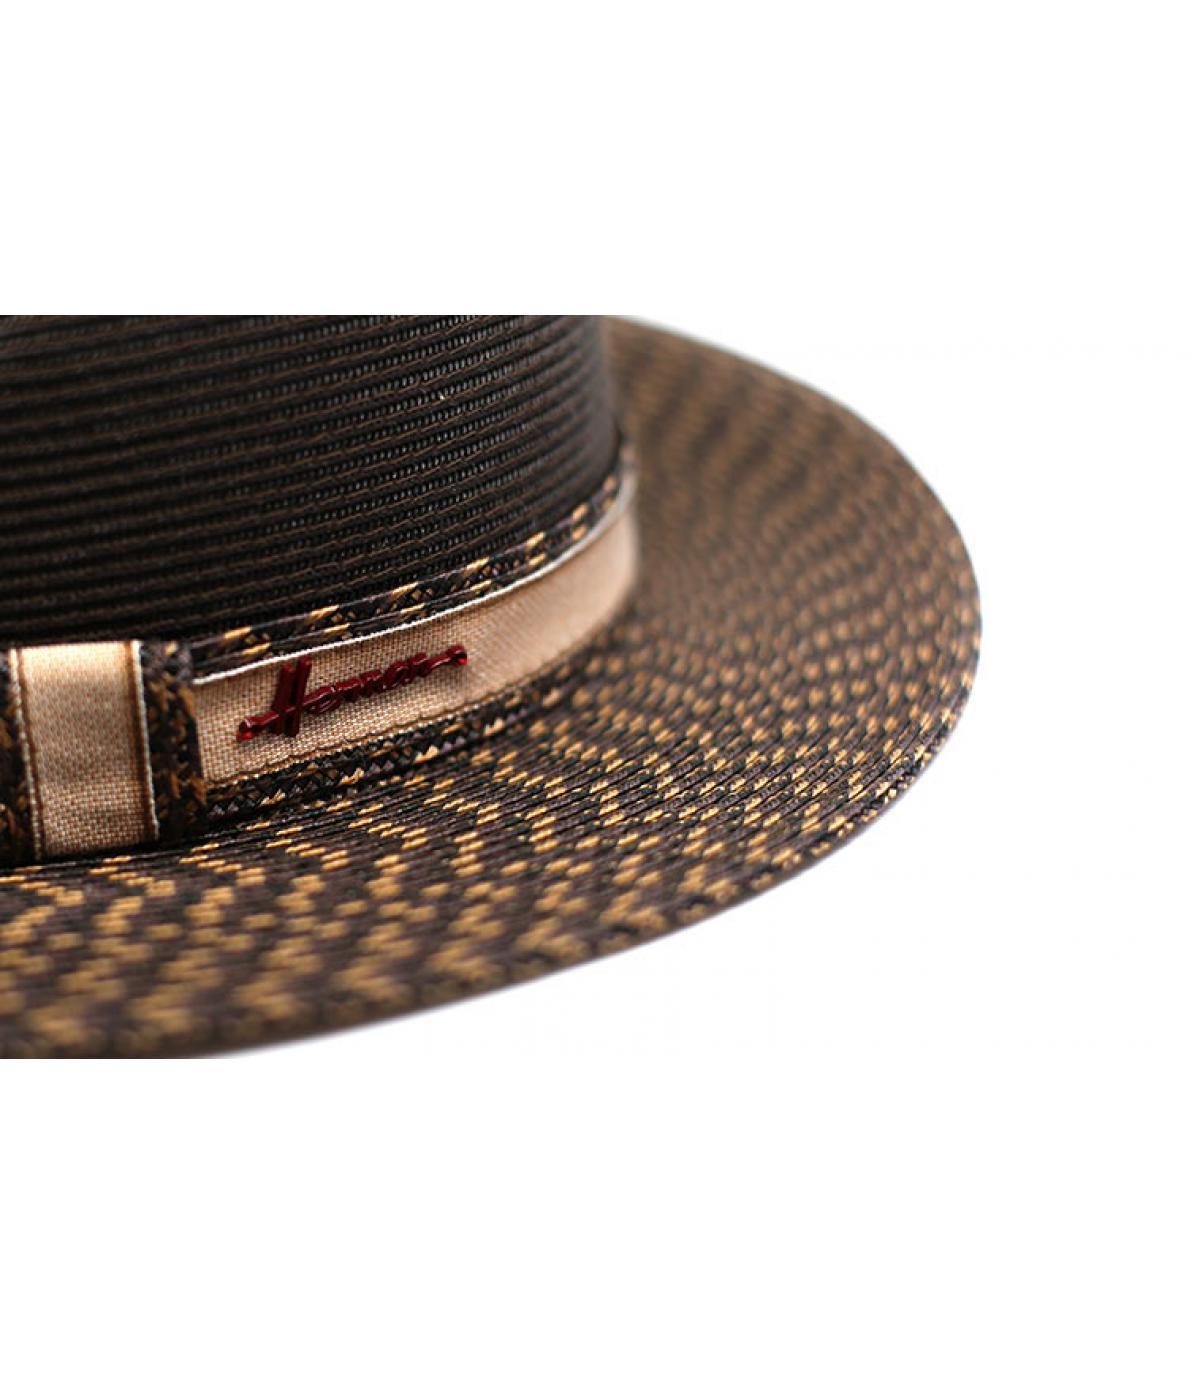 Dettagli Mac Corleone brown - image 4